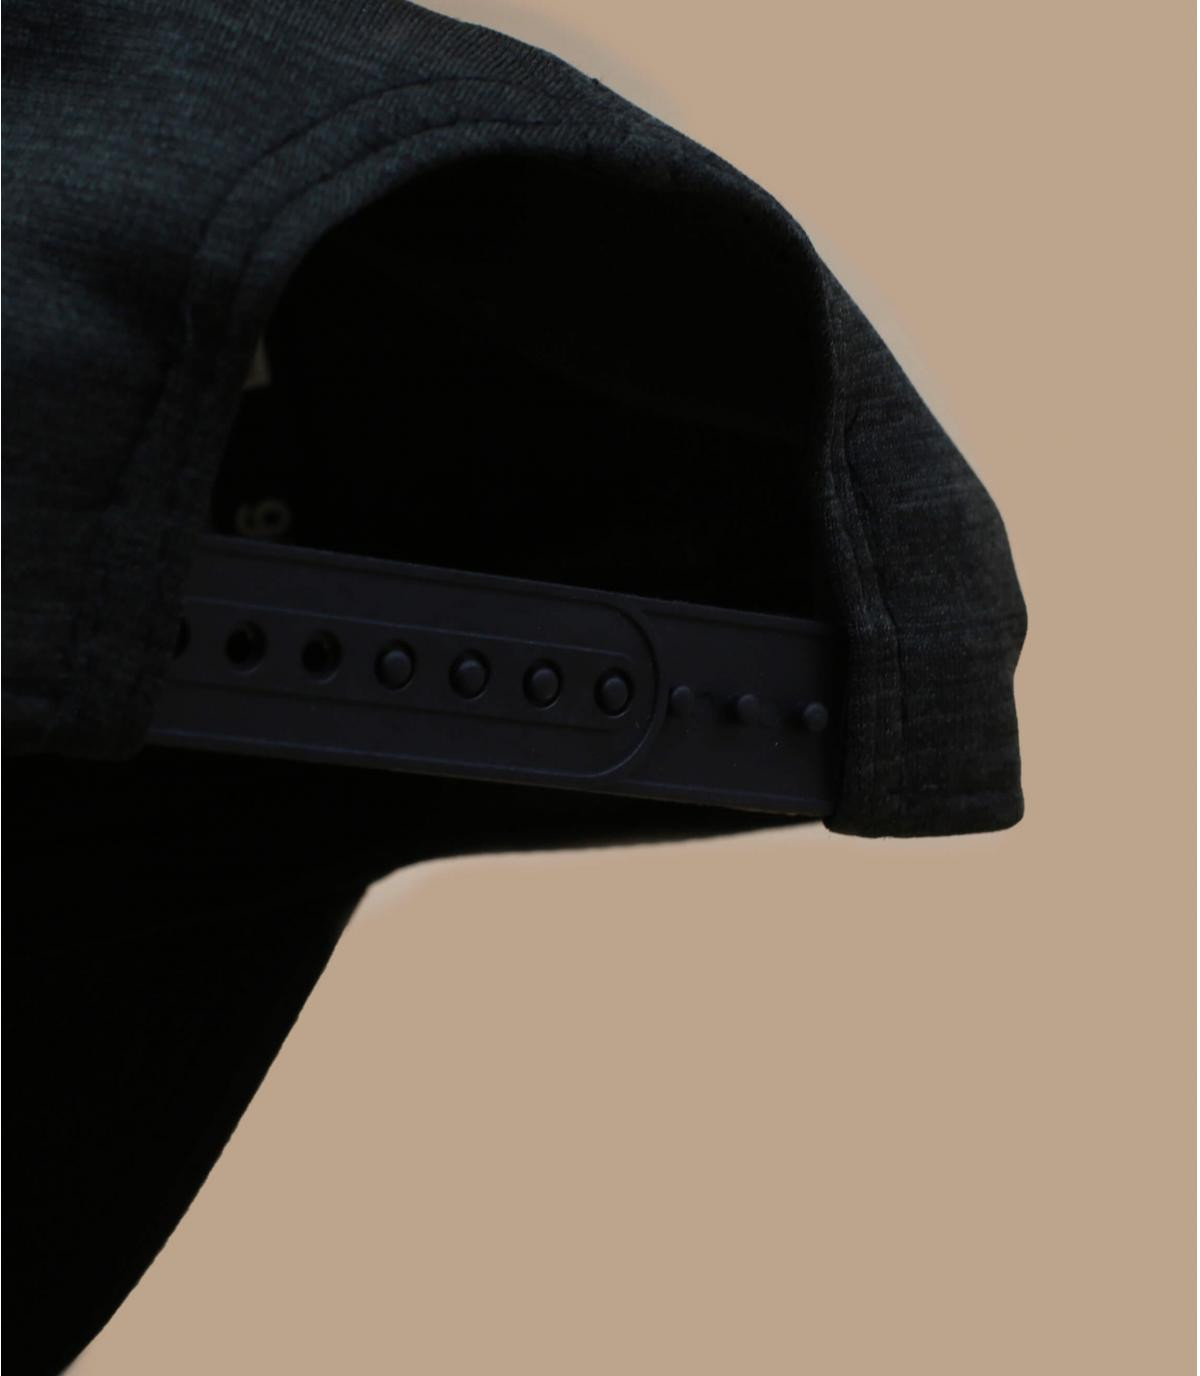 Detalles Renault Shadow Tech 940 black imagen 5